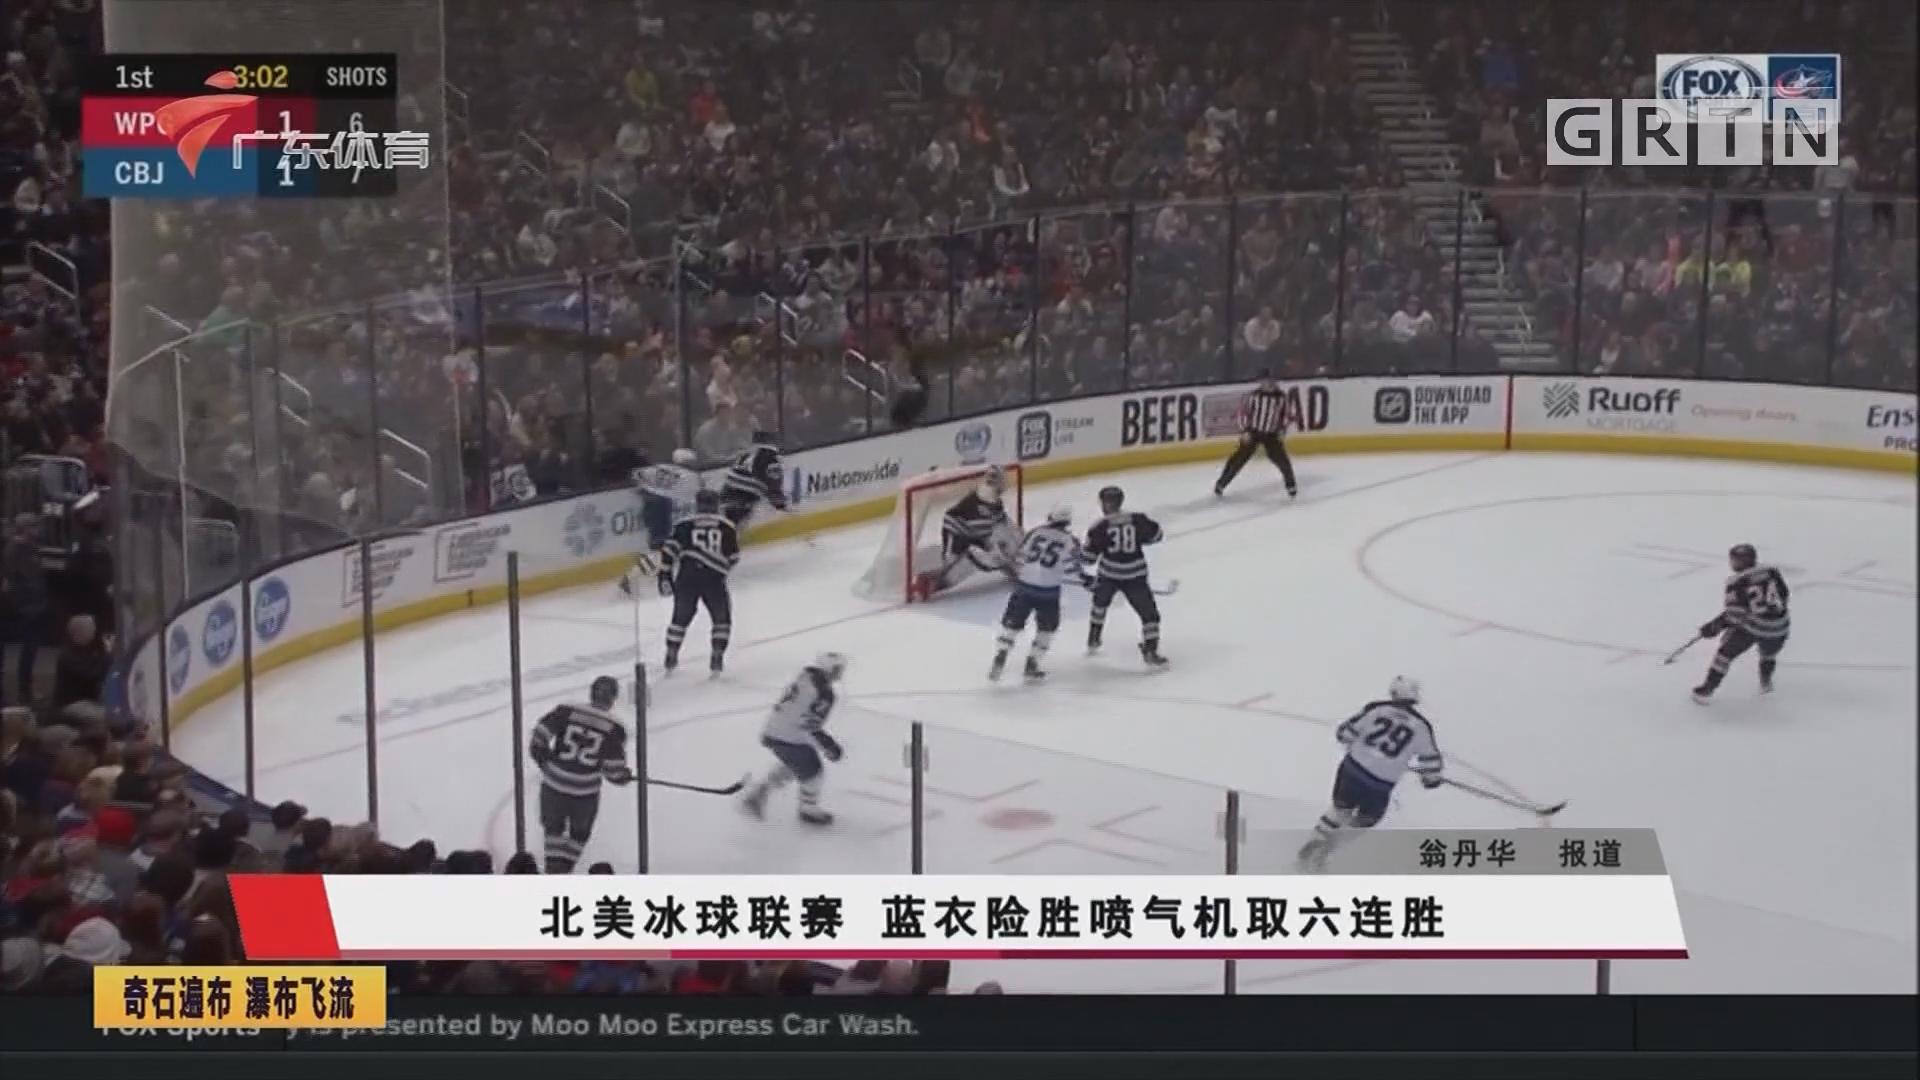 北美冰球联赛 蓝衣险胜喷气机取六连胜